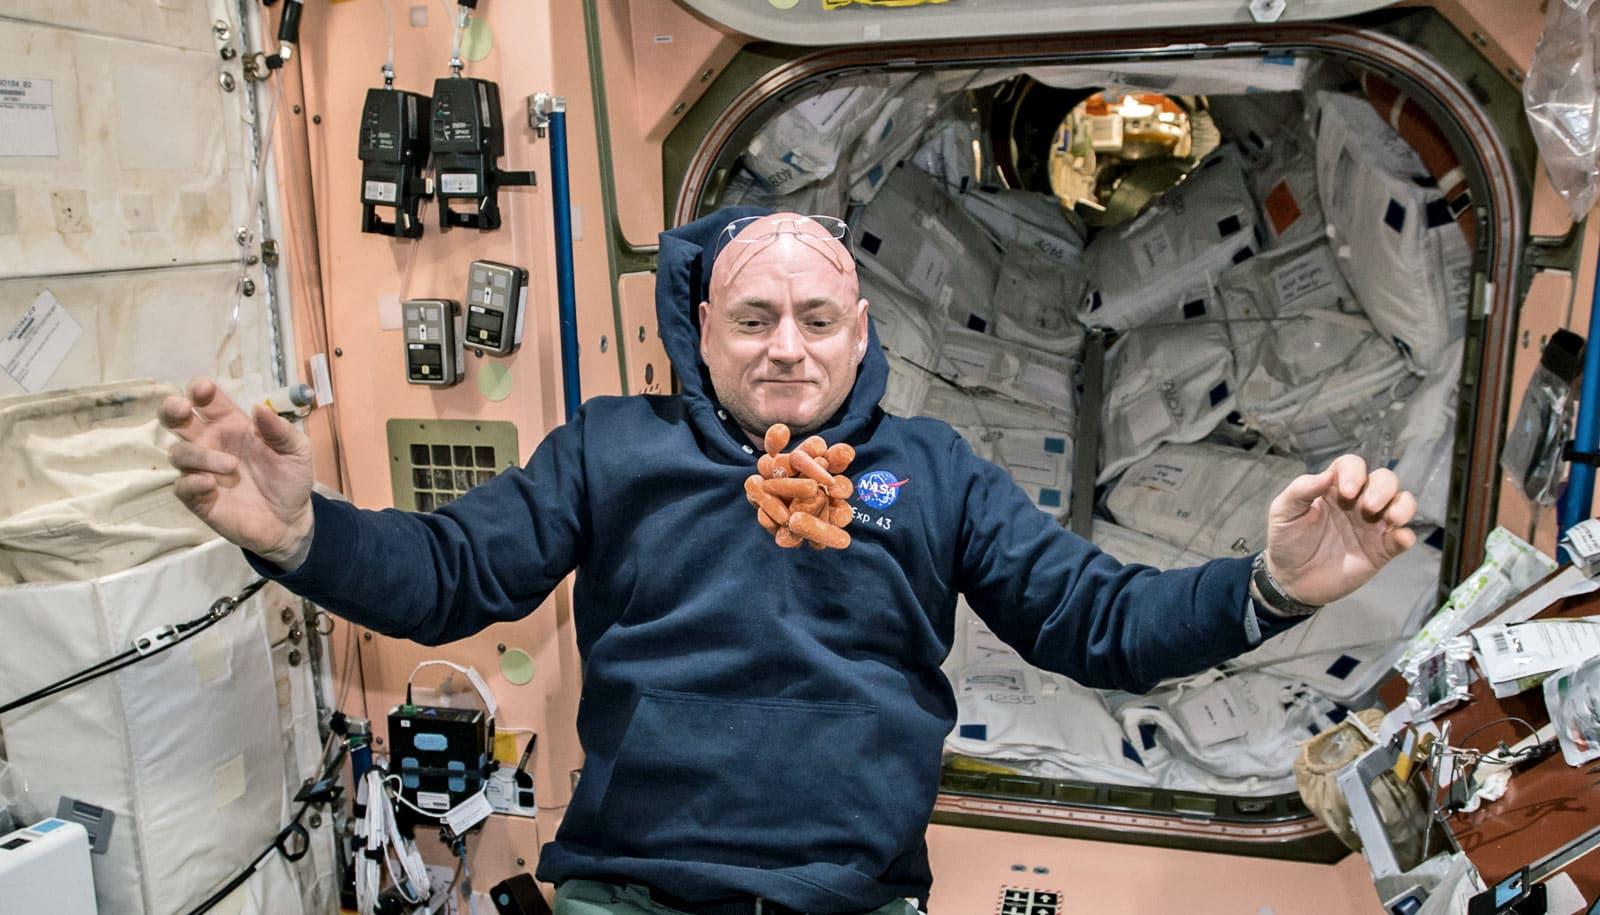 سفر به مریخ سفری بی بازگشت